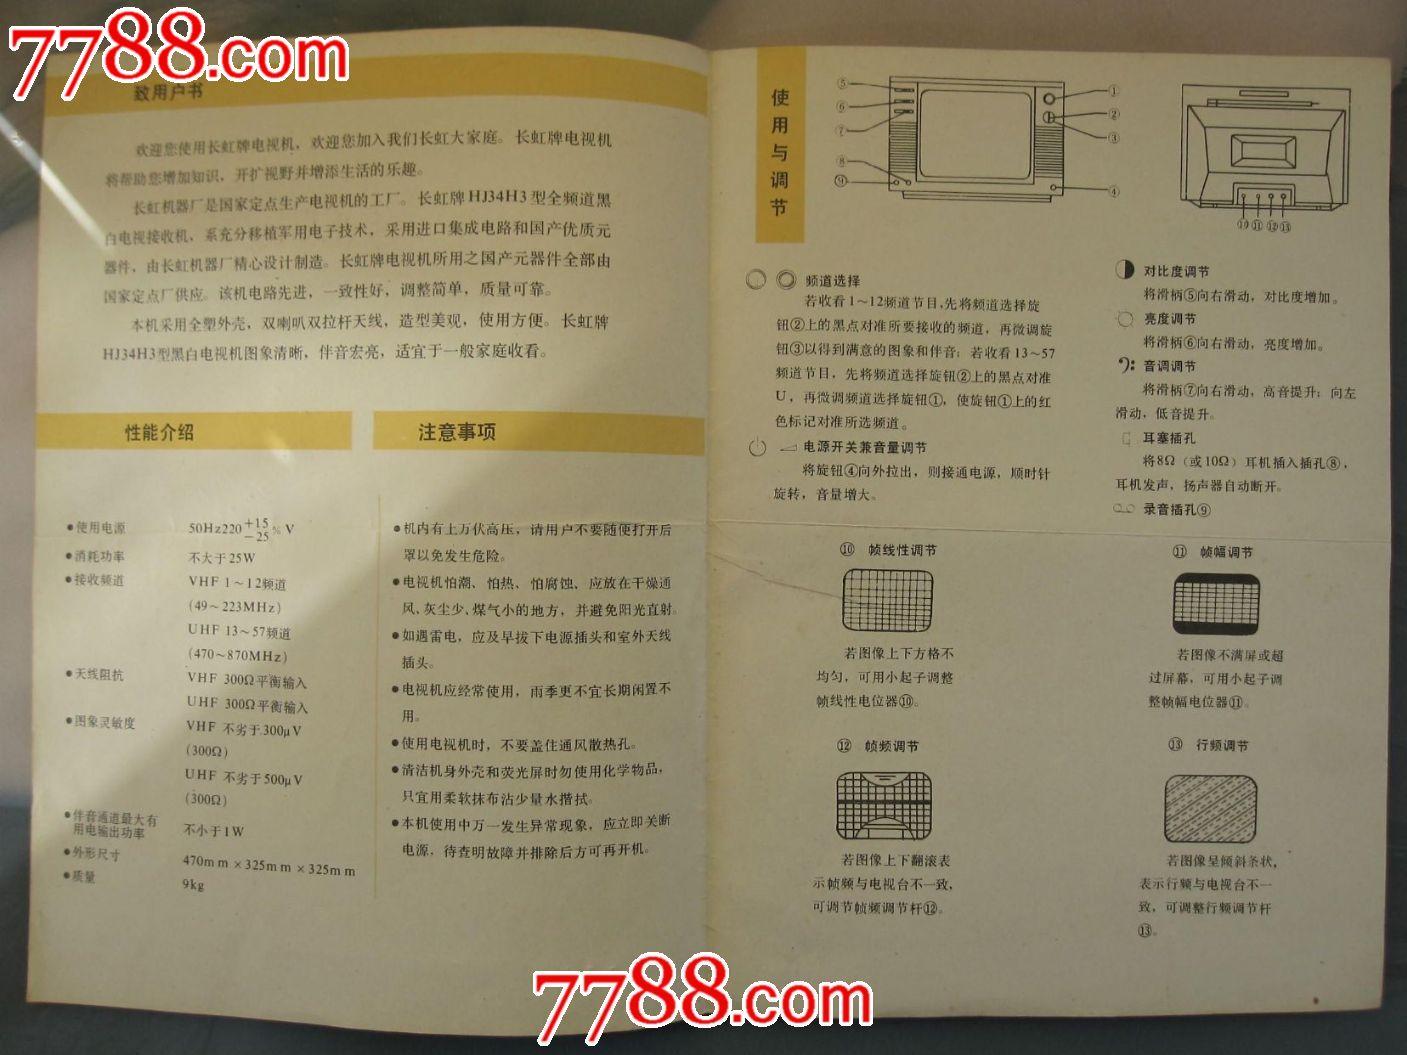 长虹牌hj34h3型黑白电视机说明书,四川